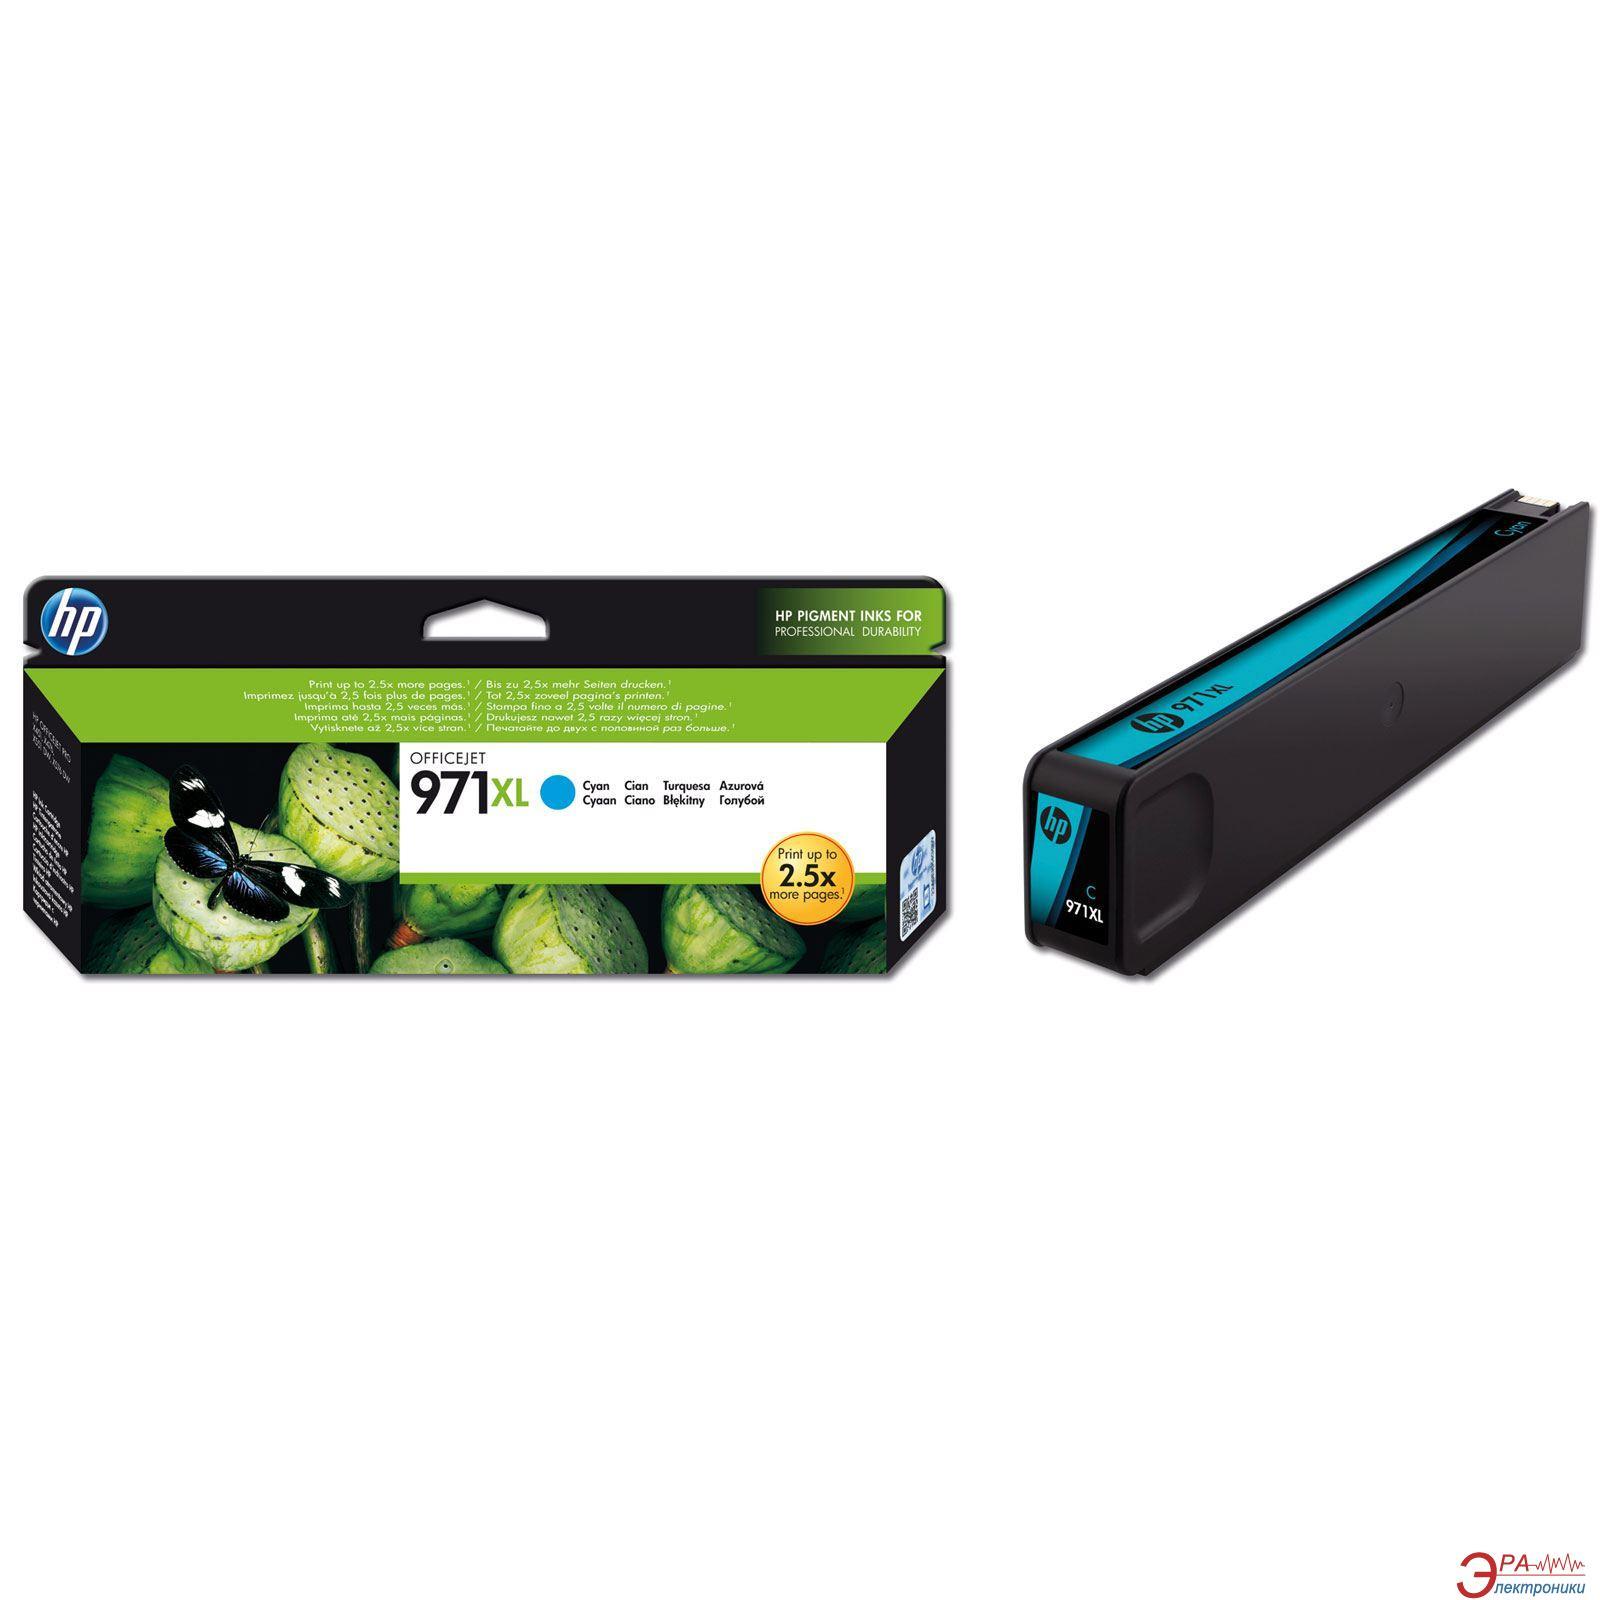 Картридж HP 971XL (CN626AE) Officejet Pro X451dw Cyan